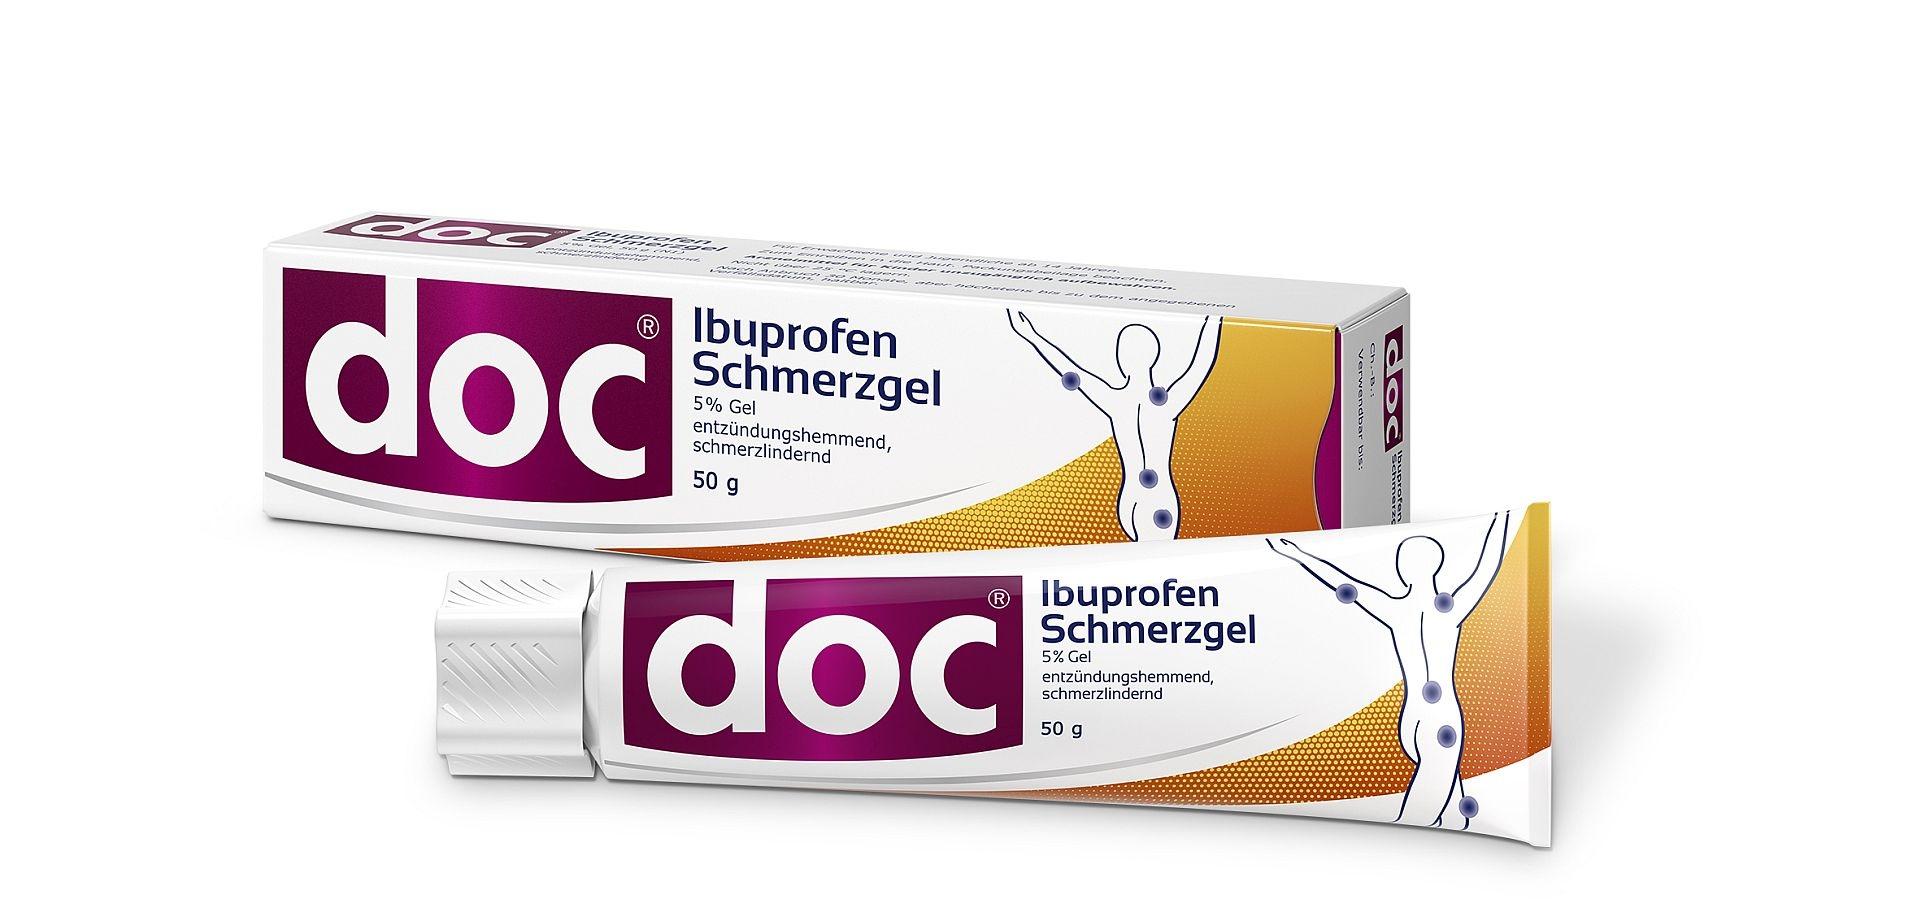 DOC Ibuprofen Schmerzgel 5% 50 g